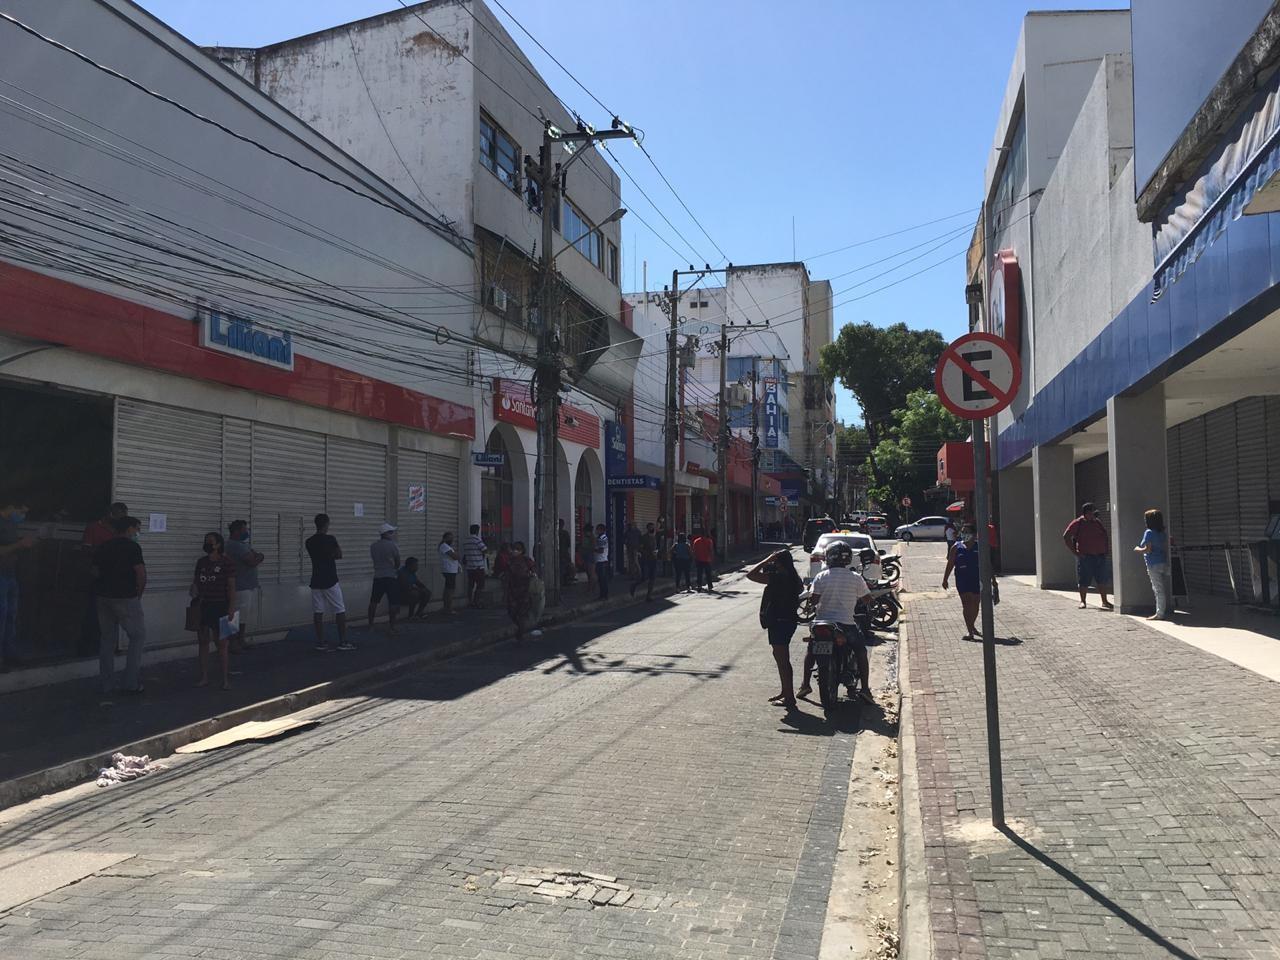 Você viu? Câmara abre concurso, PF investiga compra de testes para Covid-19 e outras notícias no Piauí